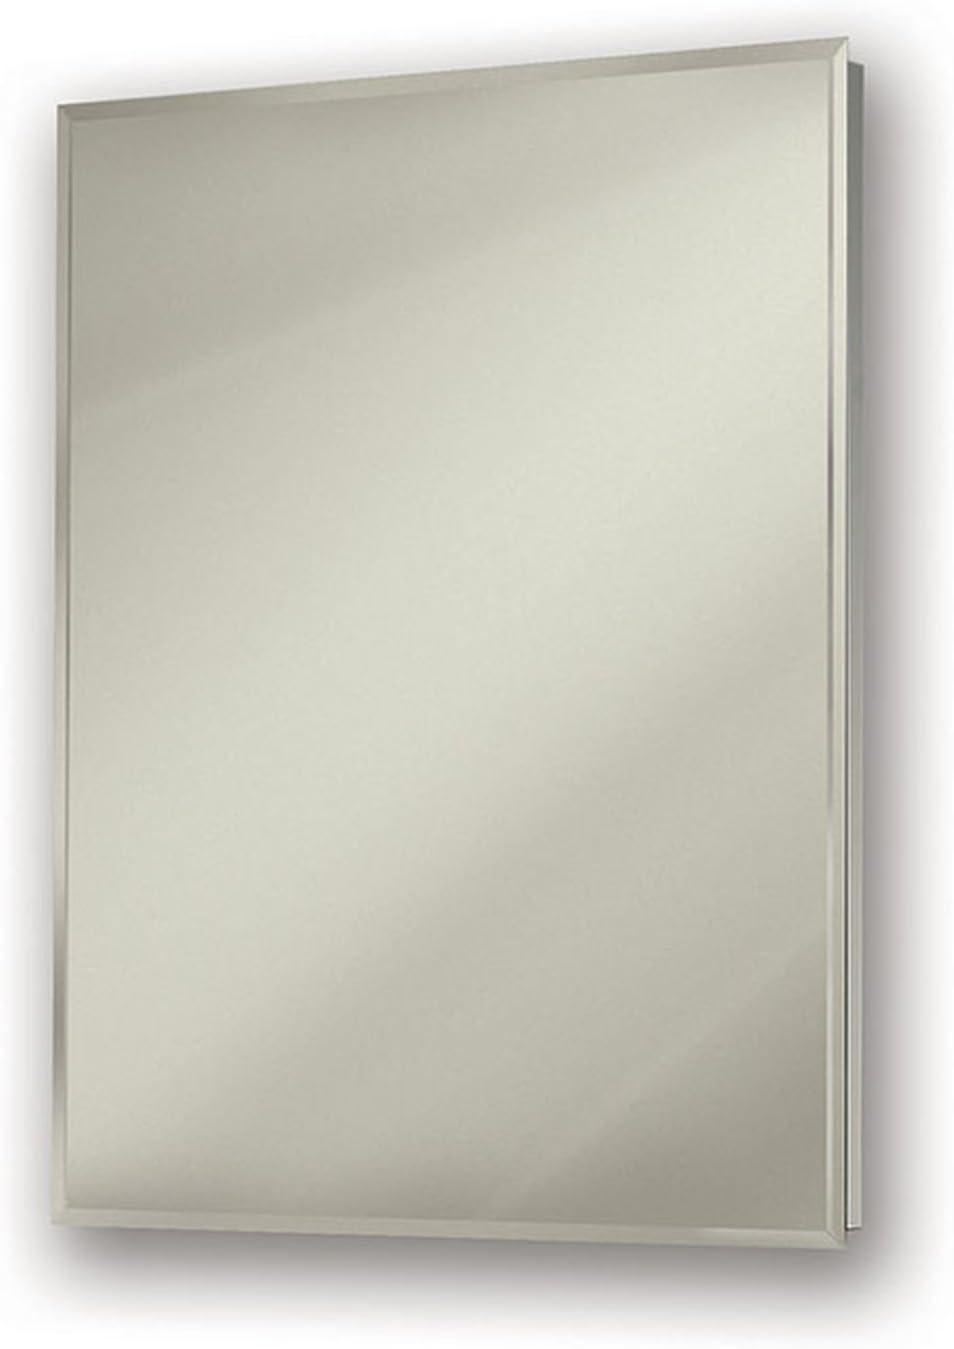 Jensen 530924X Bevel Mirror Medicine Cabinet, 24 x 30